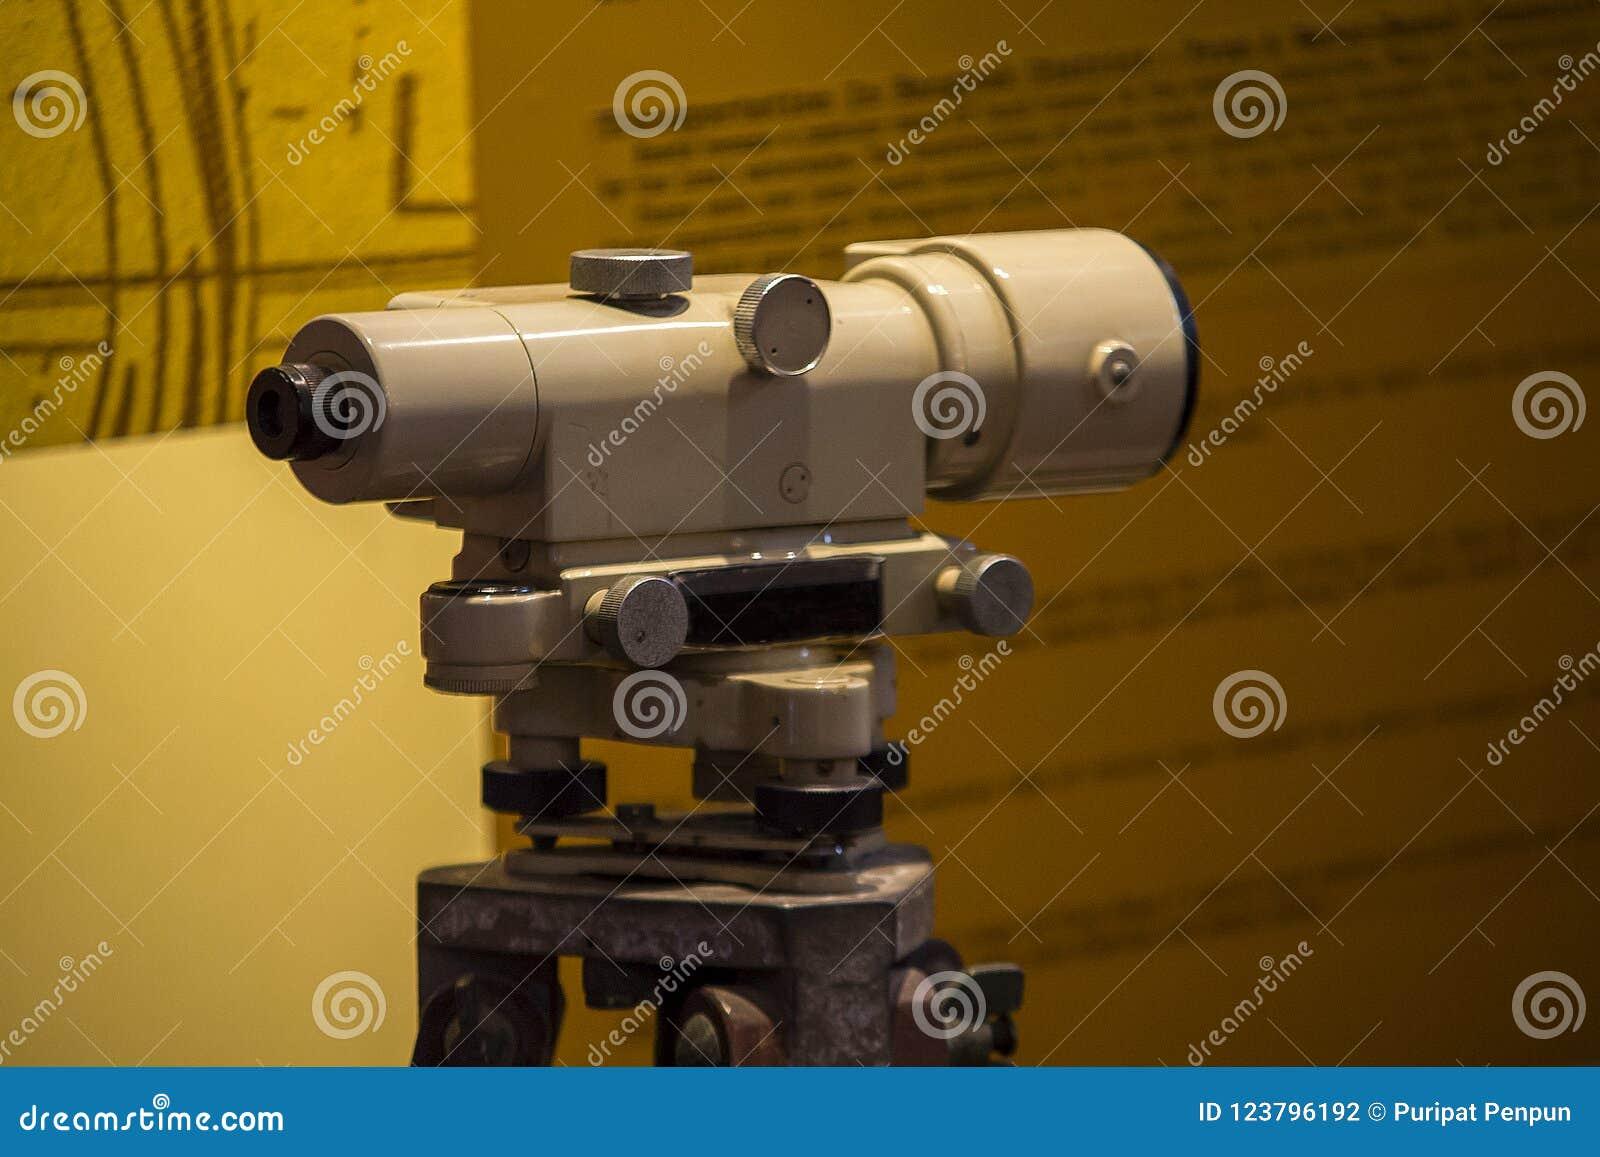 古板的经纬仪照相机用于探索土地